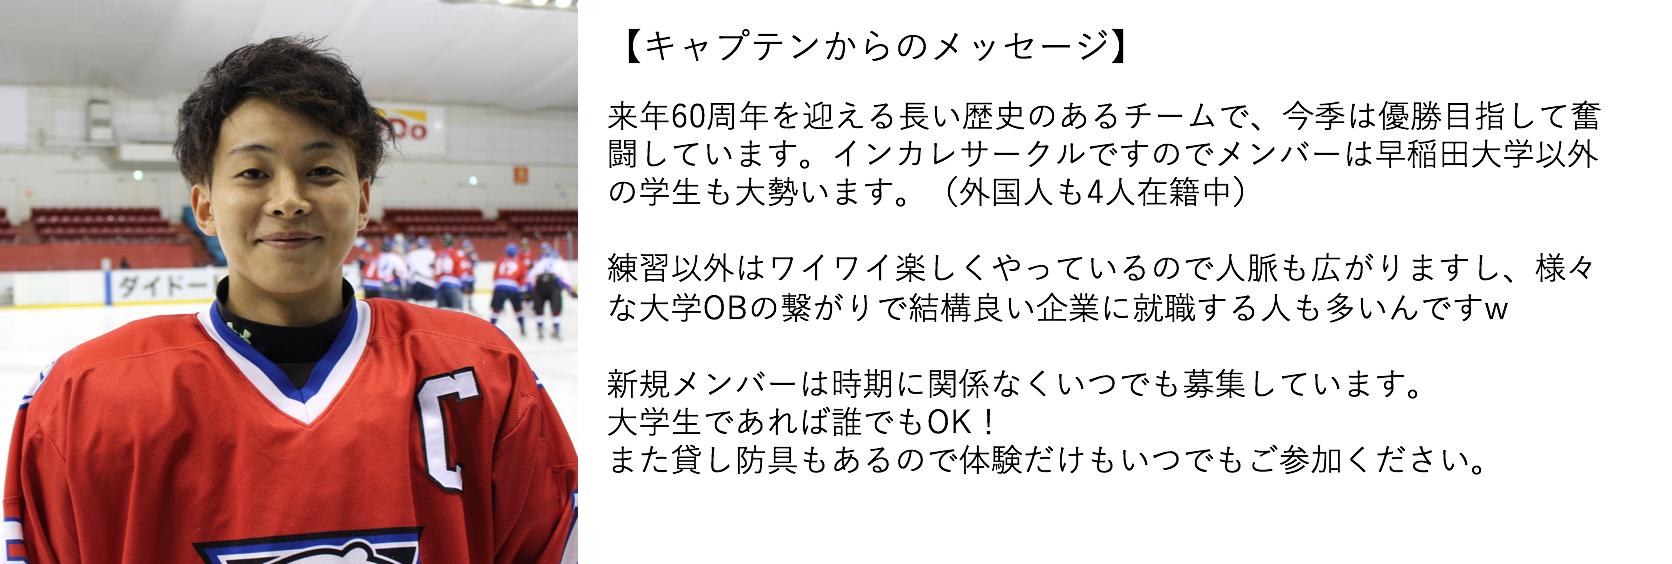 早稲田ポーラーキャプテン